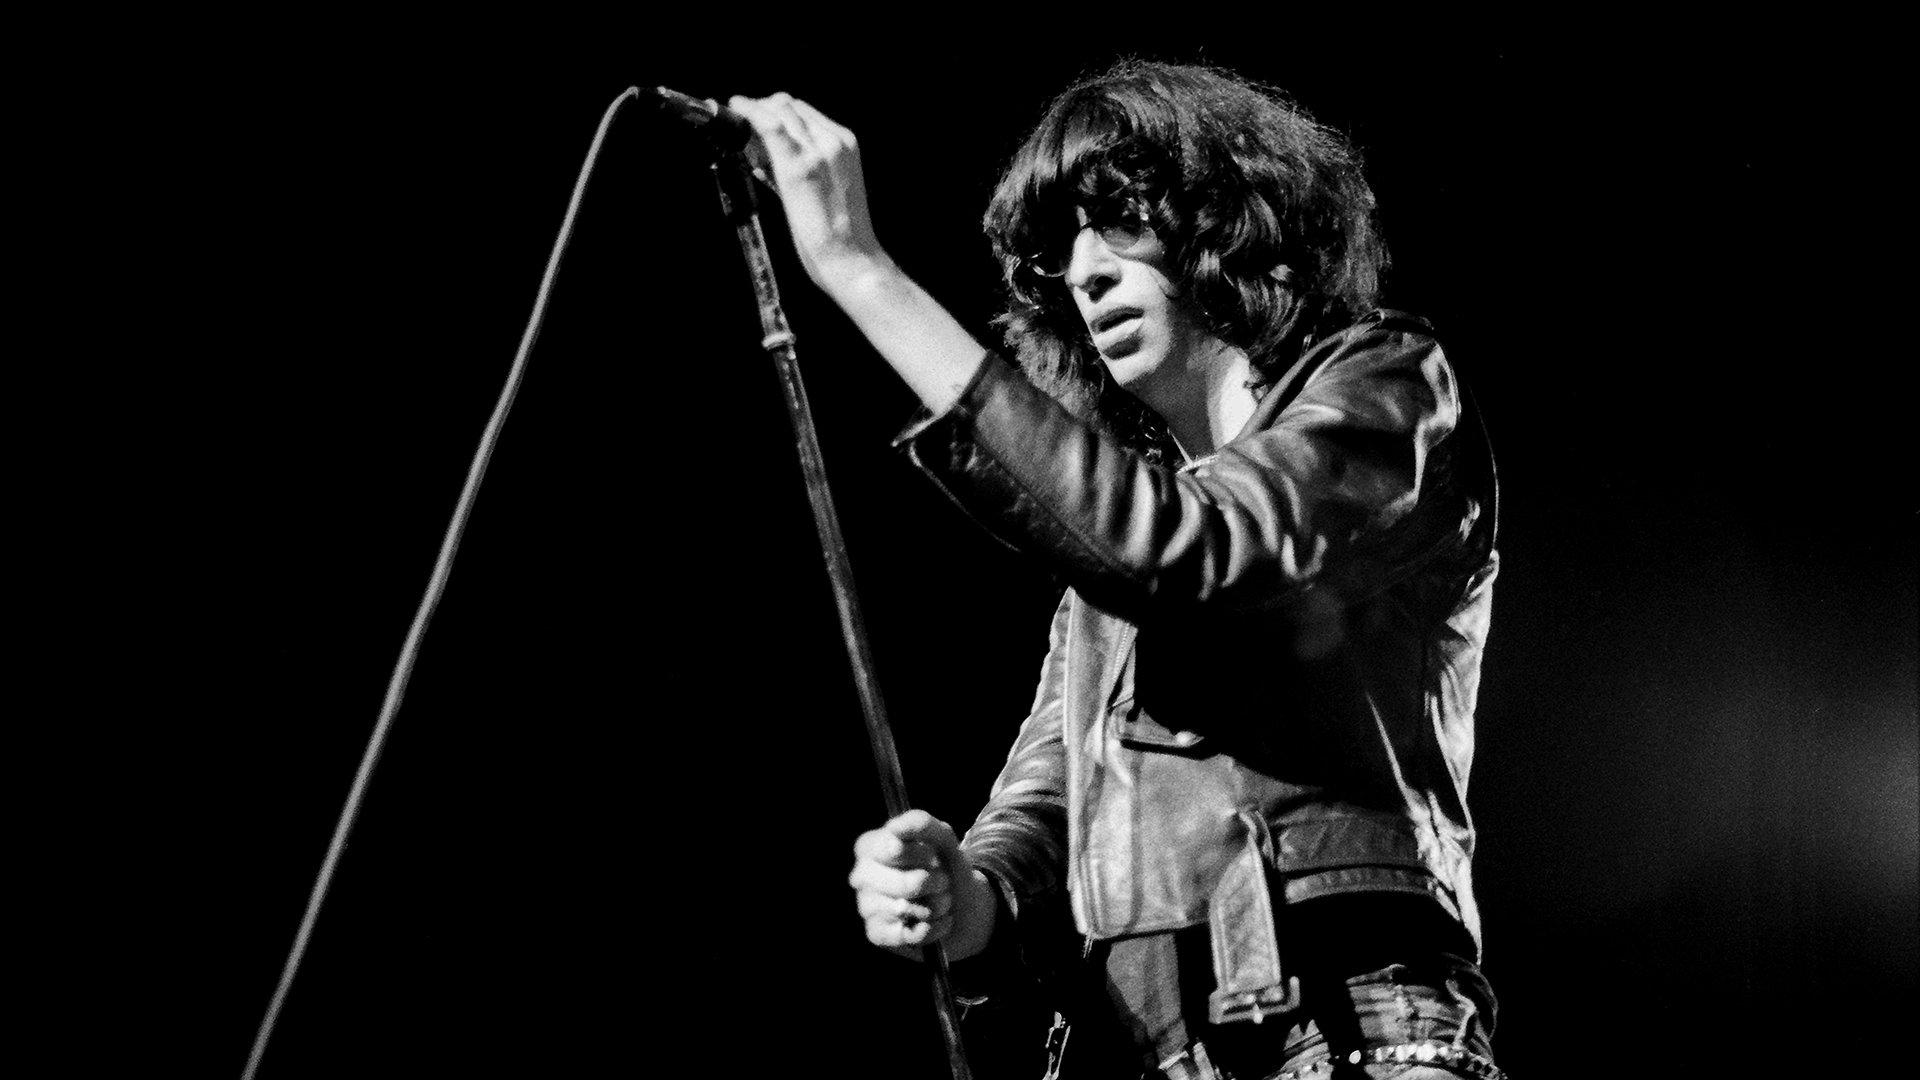 Joey Ramone. Un grande, alguien que cambió lo establecido. Formó parte de la banda de Punk Ramones. #Punk #Ramones https://t.co/oDZbcRe2Z2